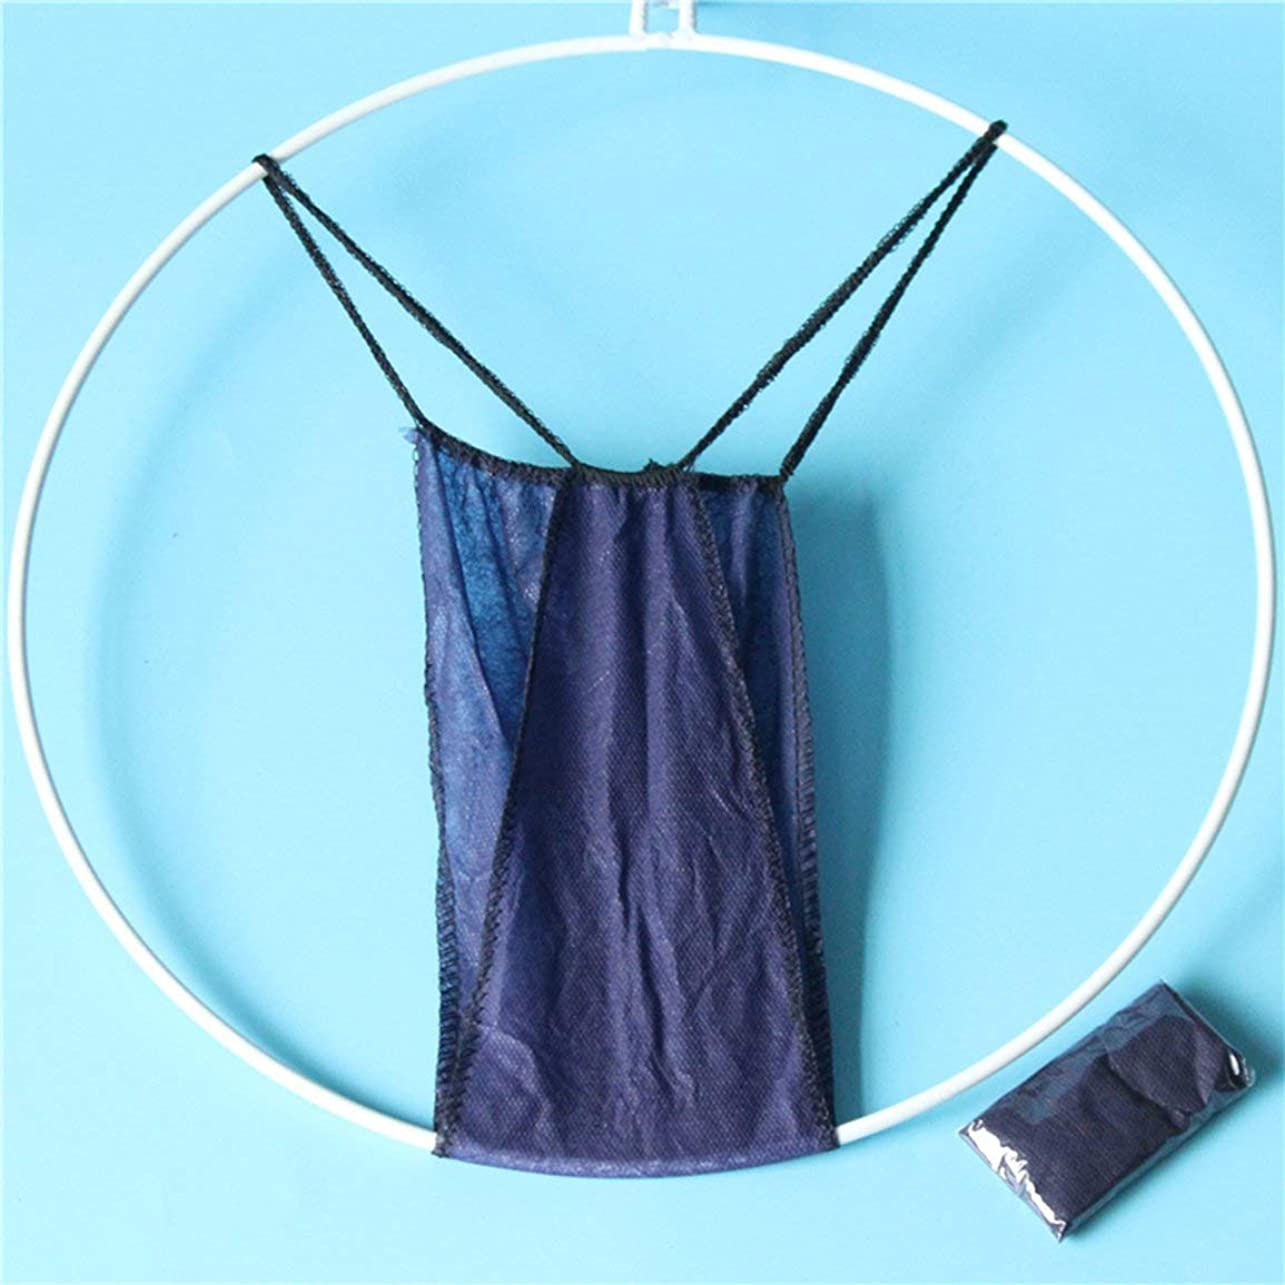 裏切る確かめる保証不織布使い捨てひも婦人用下着ブリーフTパンツ美容サウナ - 青